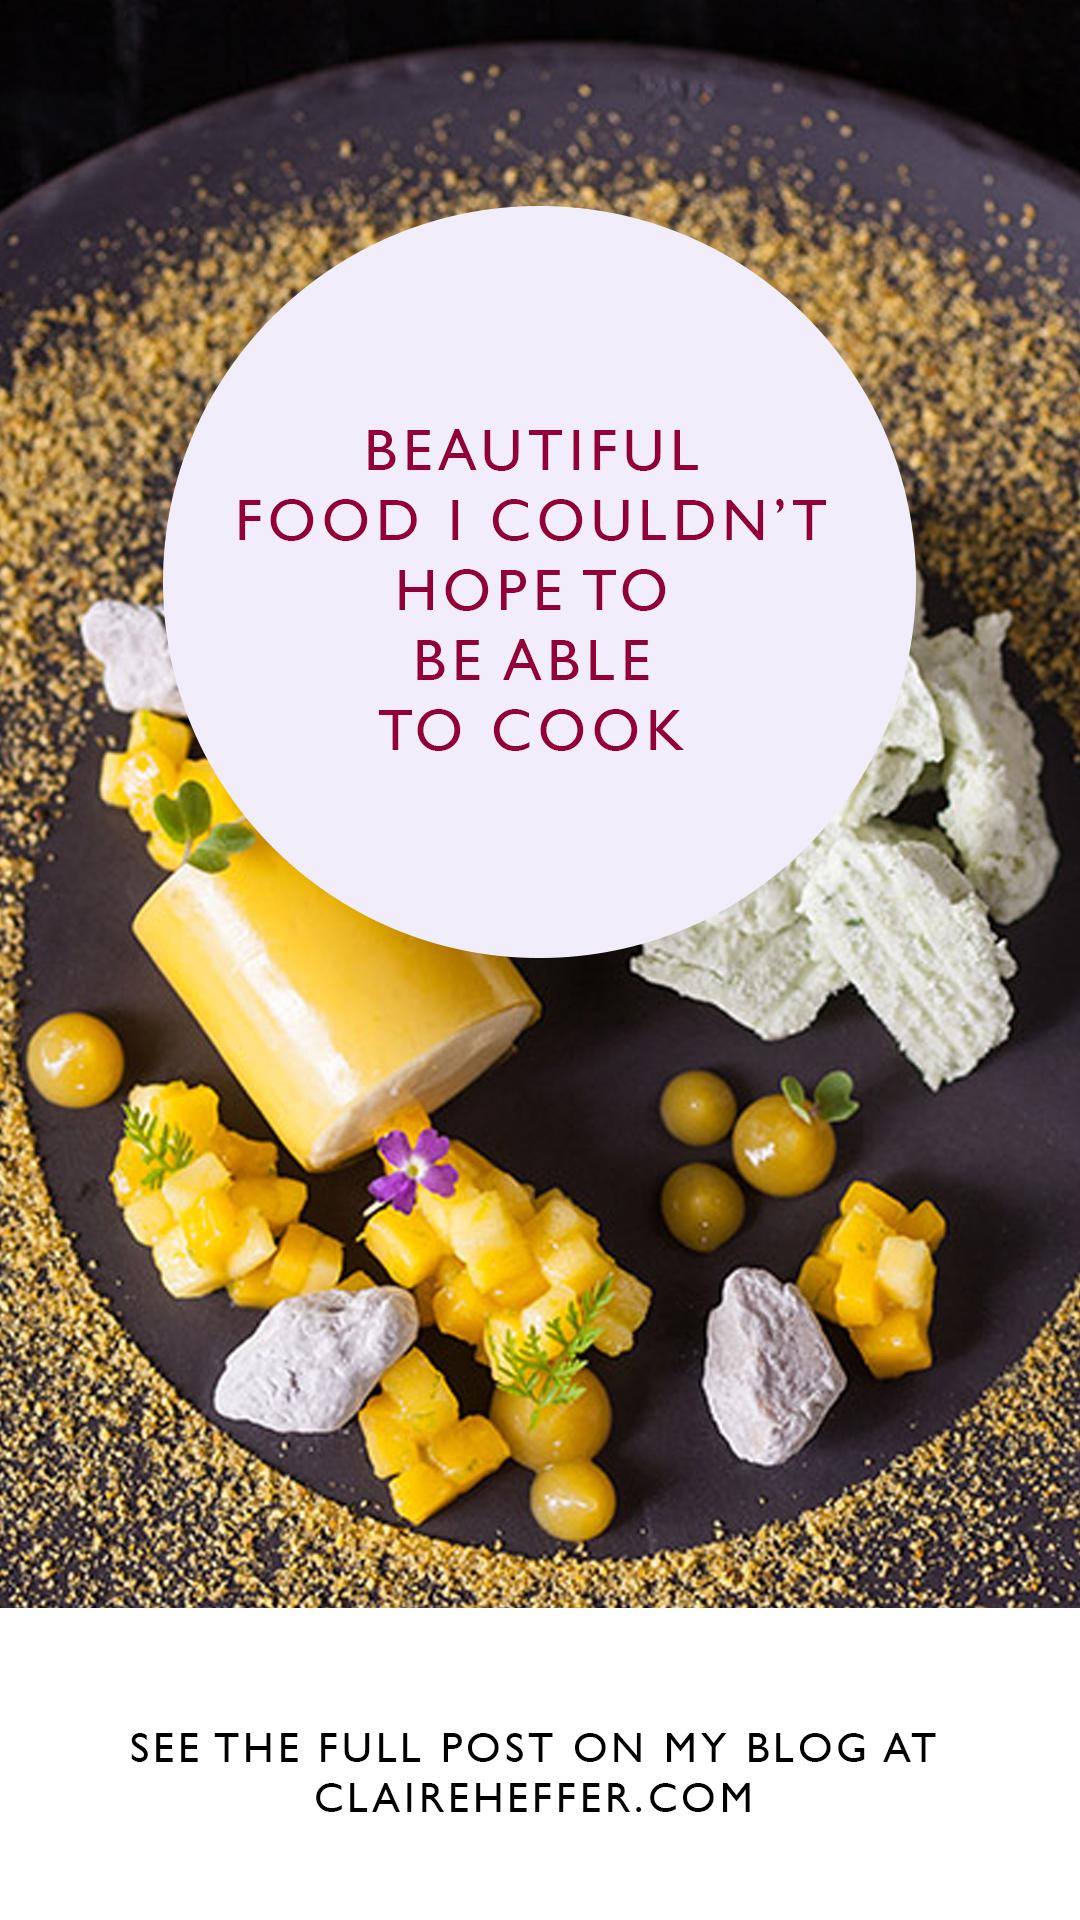 Dessert inspiration - Focus on: Dessert. Find more on my blog at claireheffer.com